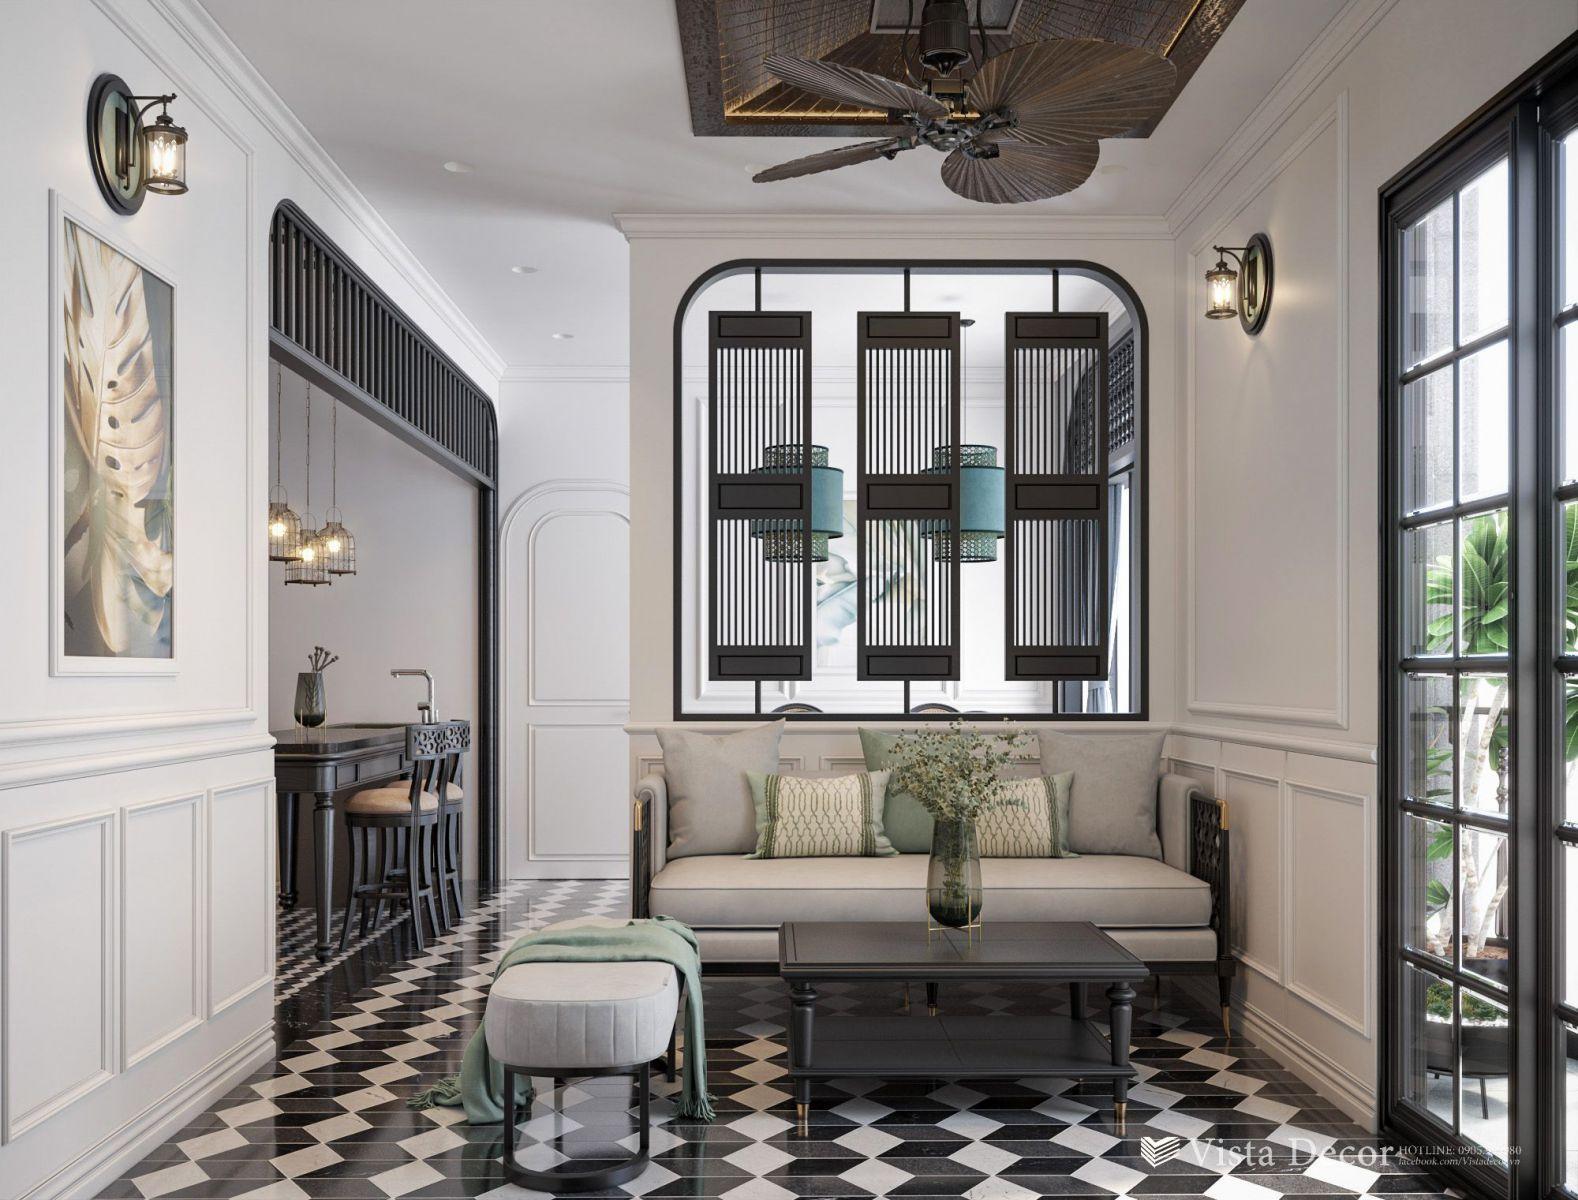 Thiết kế phòng khách căn hộ 2PN diện tích 110 - dự án Aria Vũng Tàu